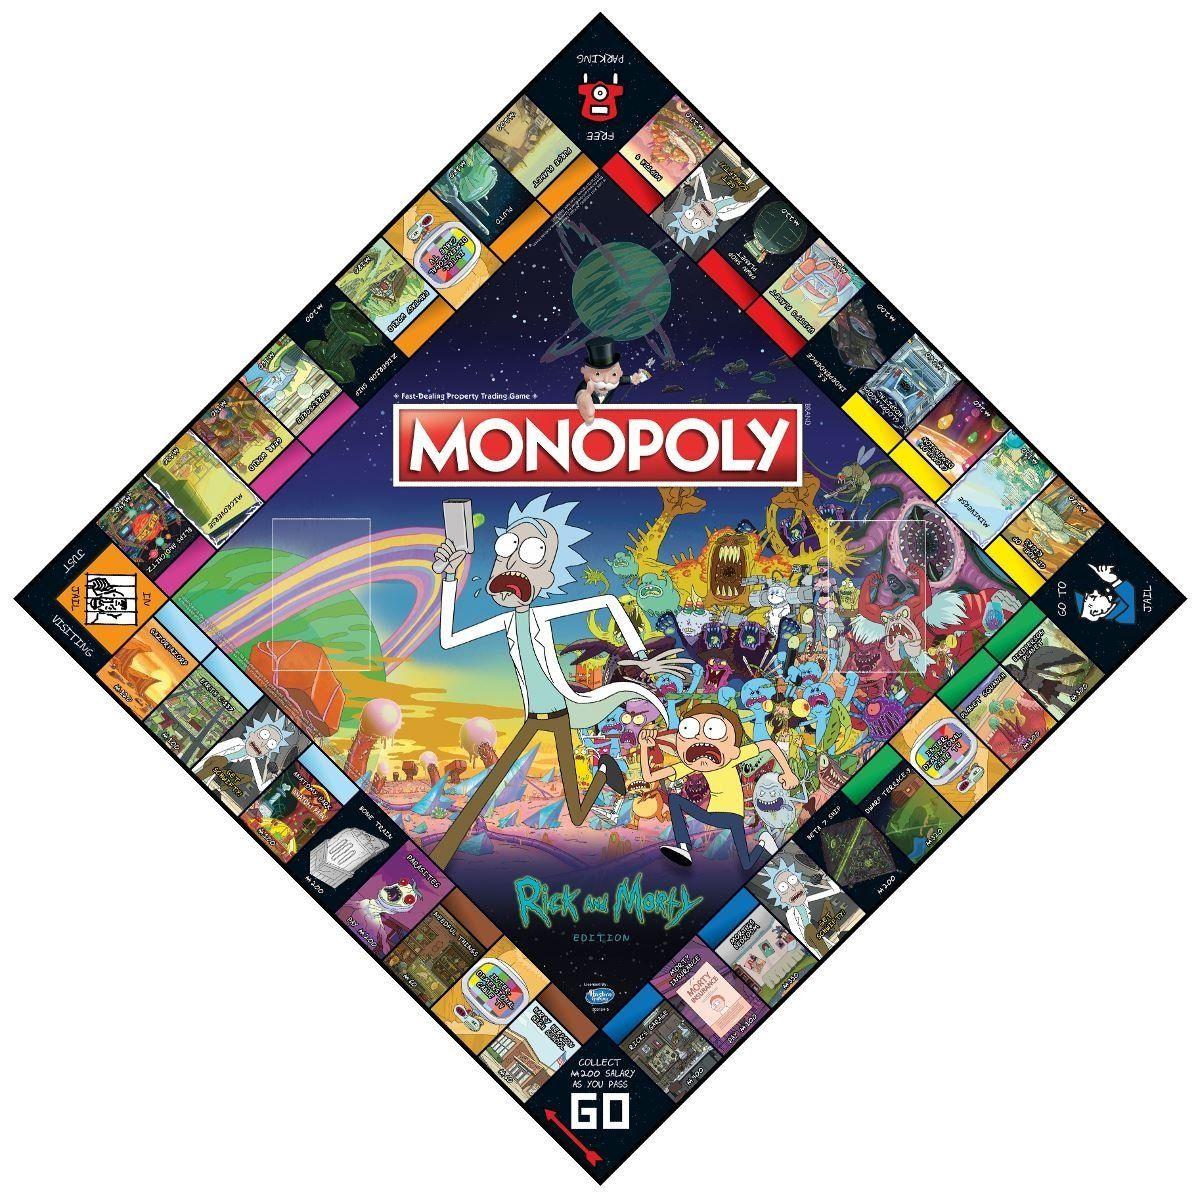 Настолна игра Monopoly -Rick and Morty Edition - 2